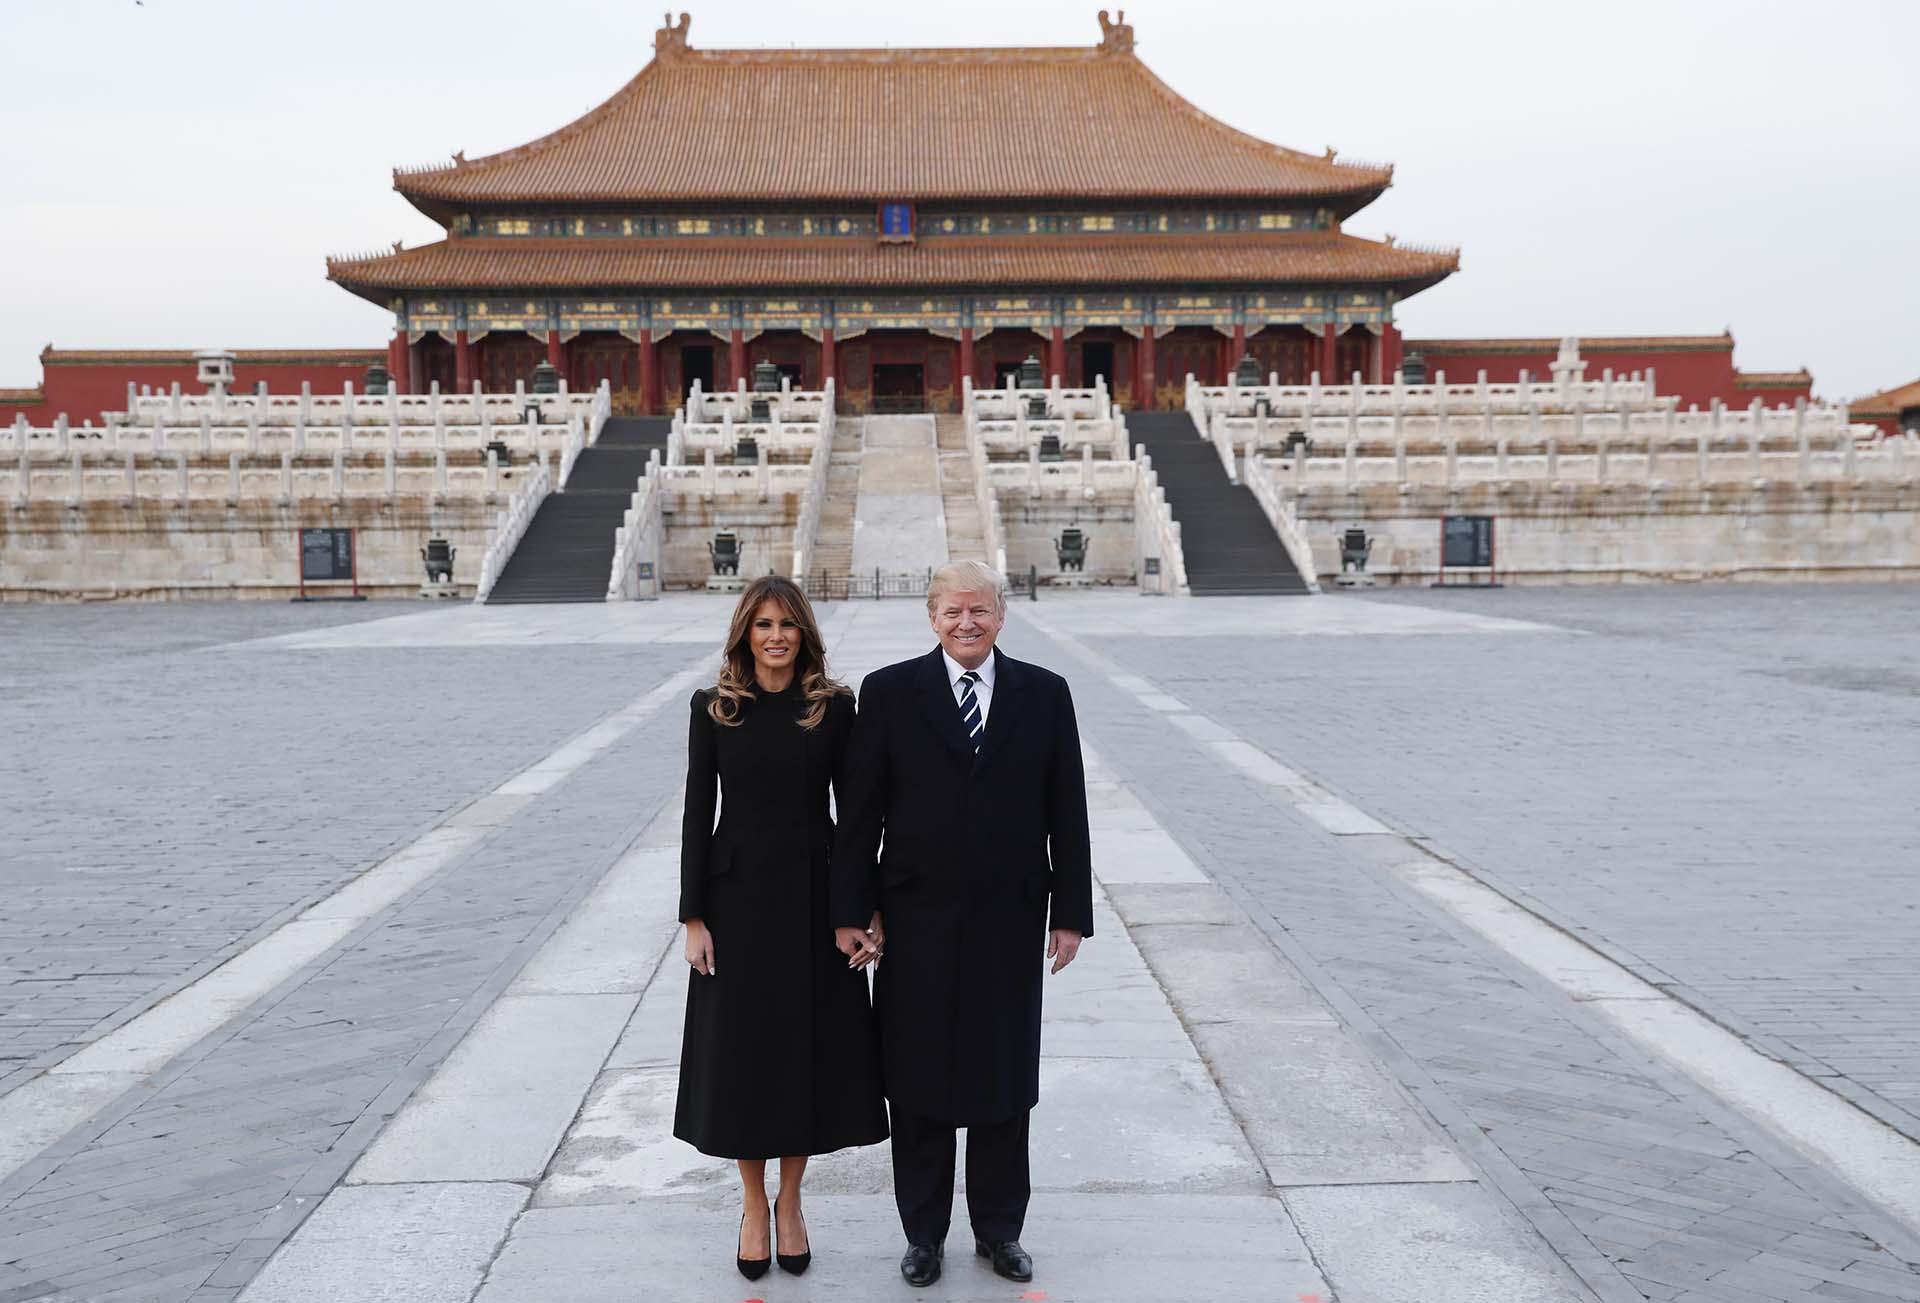 8/11/2017 El Presidente y su esposa durante una visita de Estado en Beijing, China